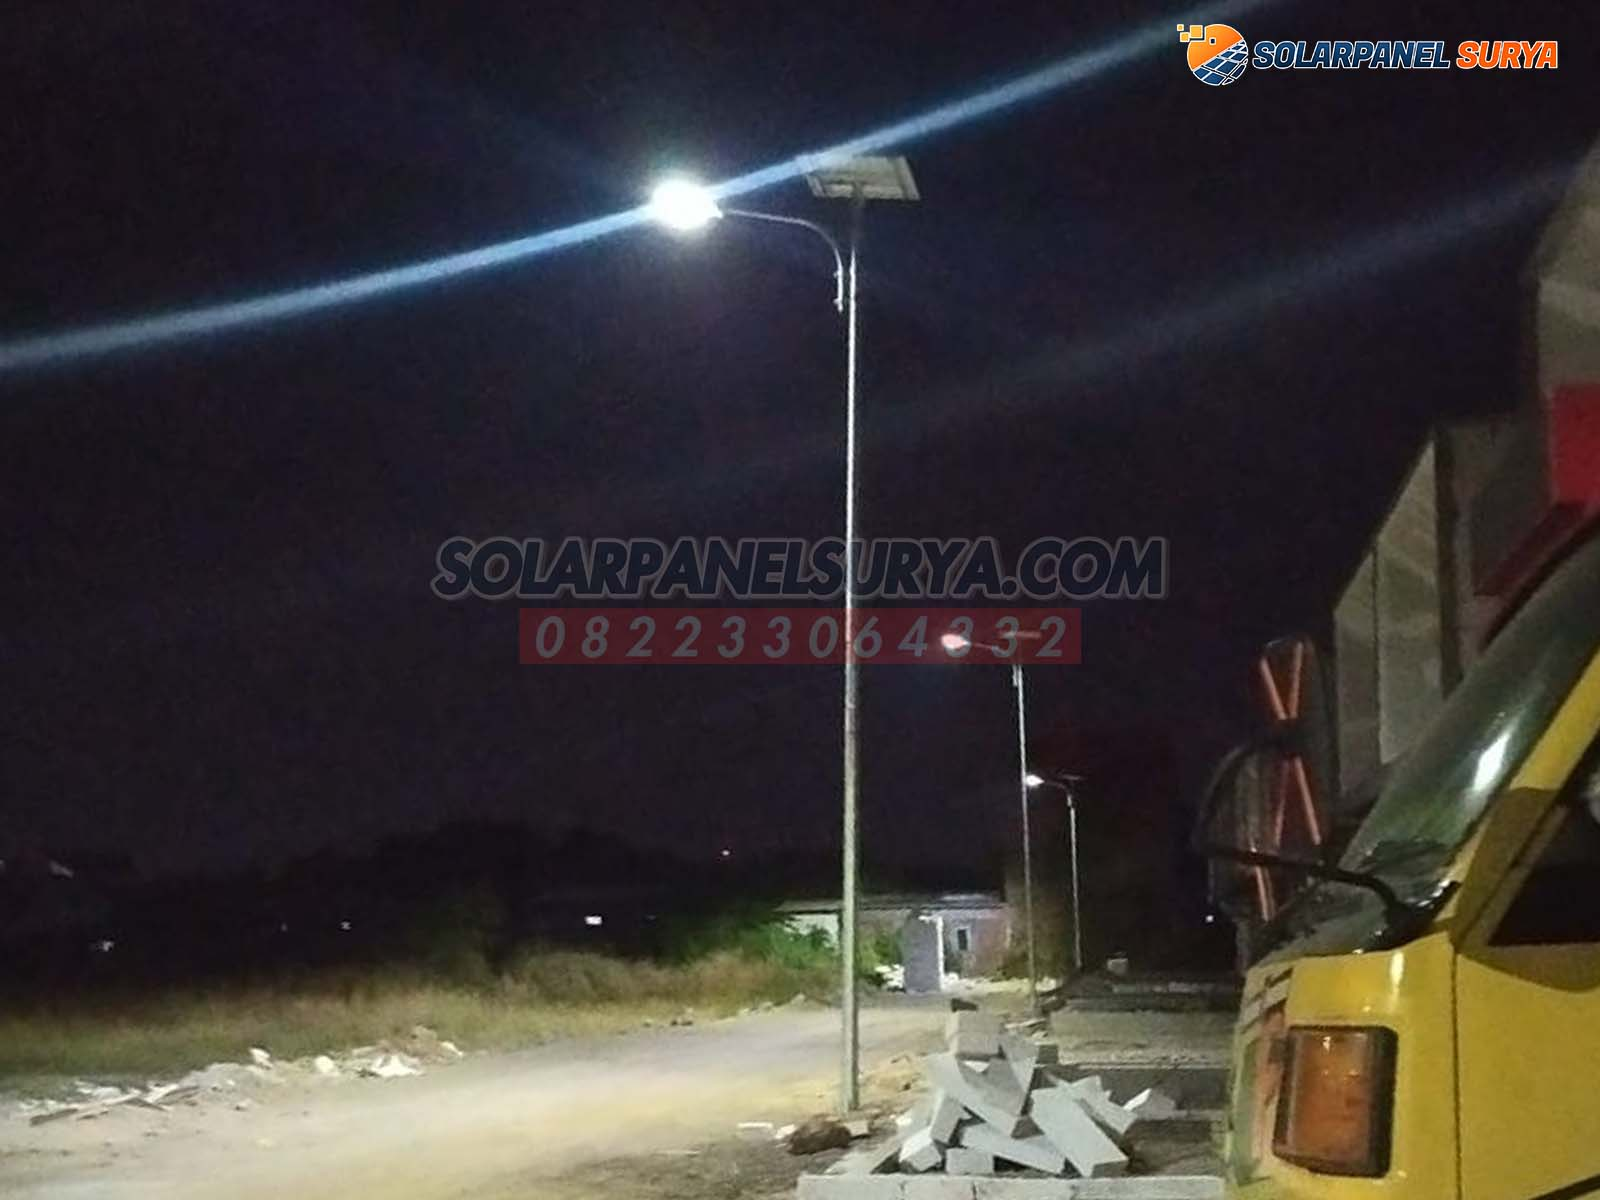 Lampu Penerangan Jalan Umum Tenaga Surya 2 in 1 60 Watt